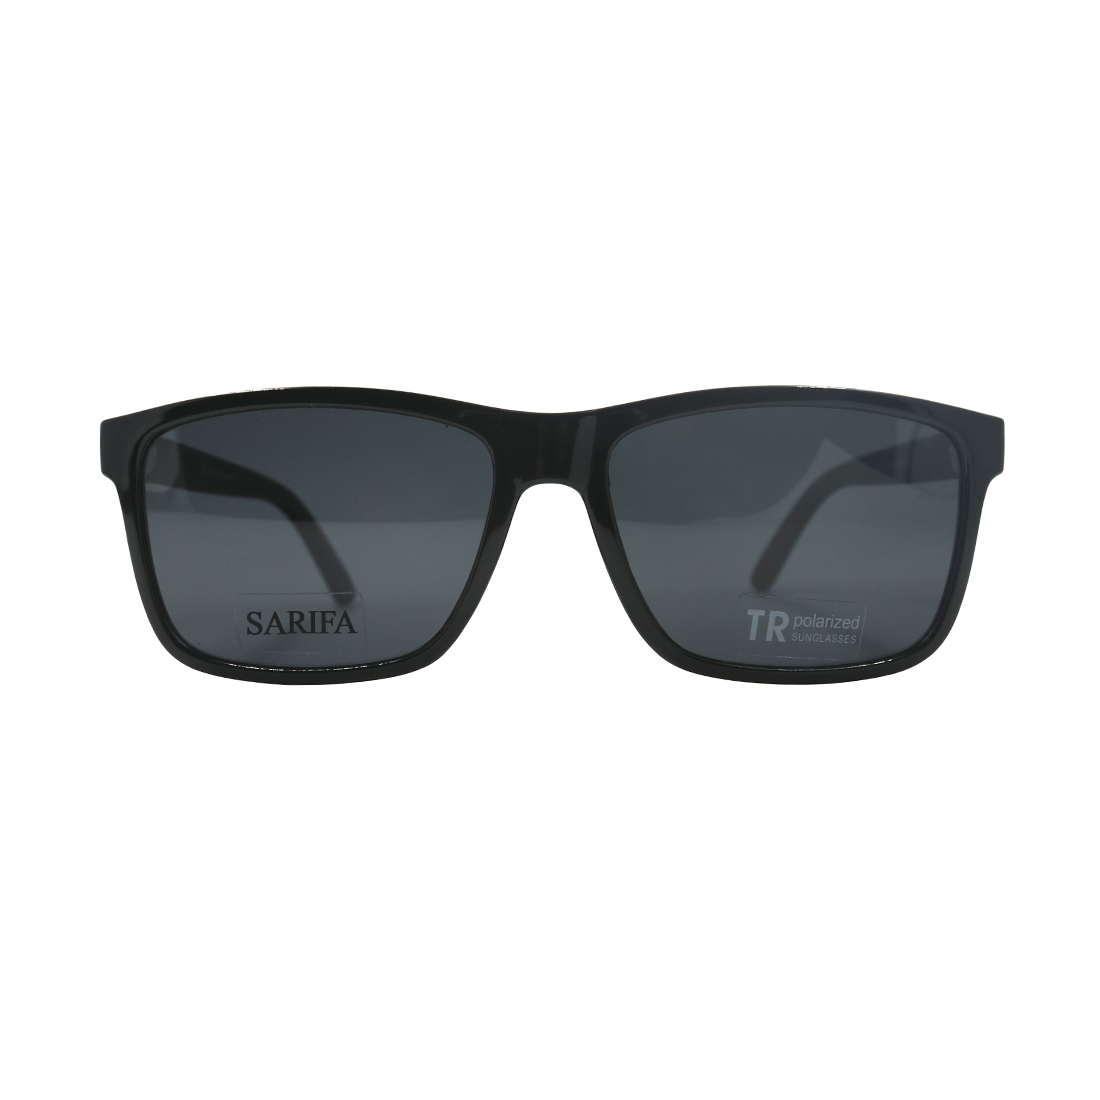 Kính mát, mắt kính SARIFA 1952 C1 (56-18-138) , mắt kính chống UV, mắt kính thời trang